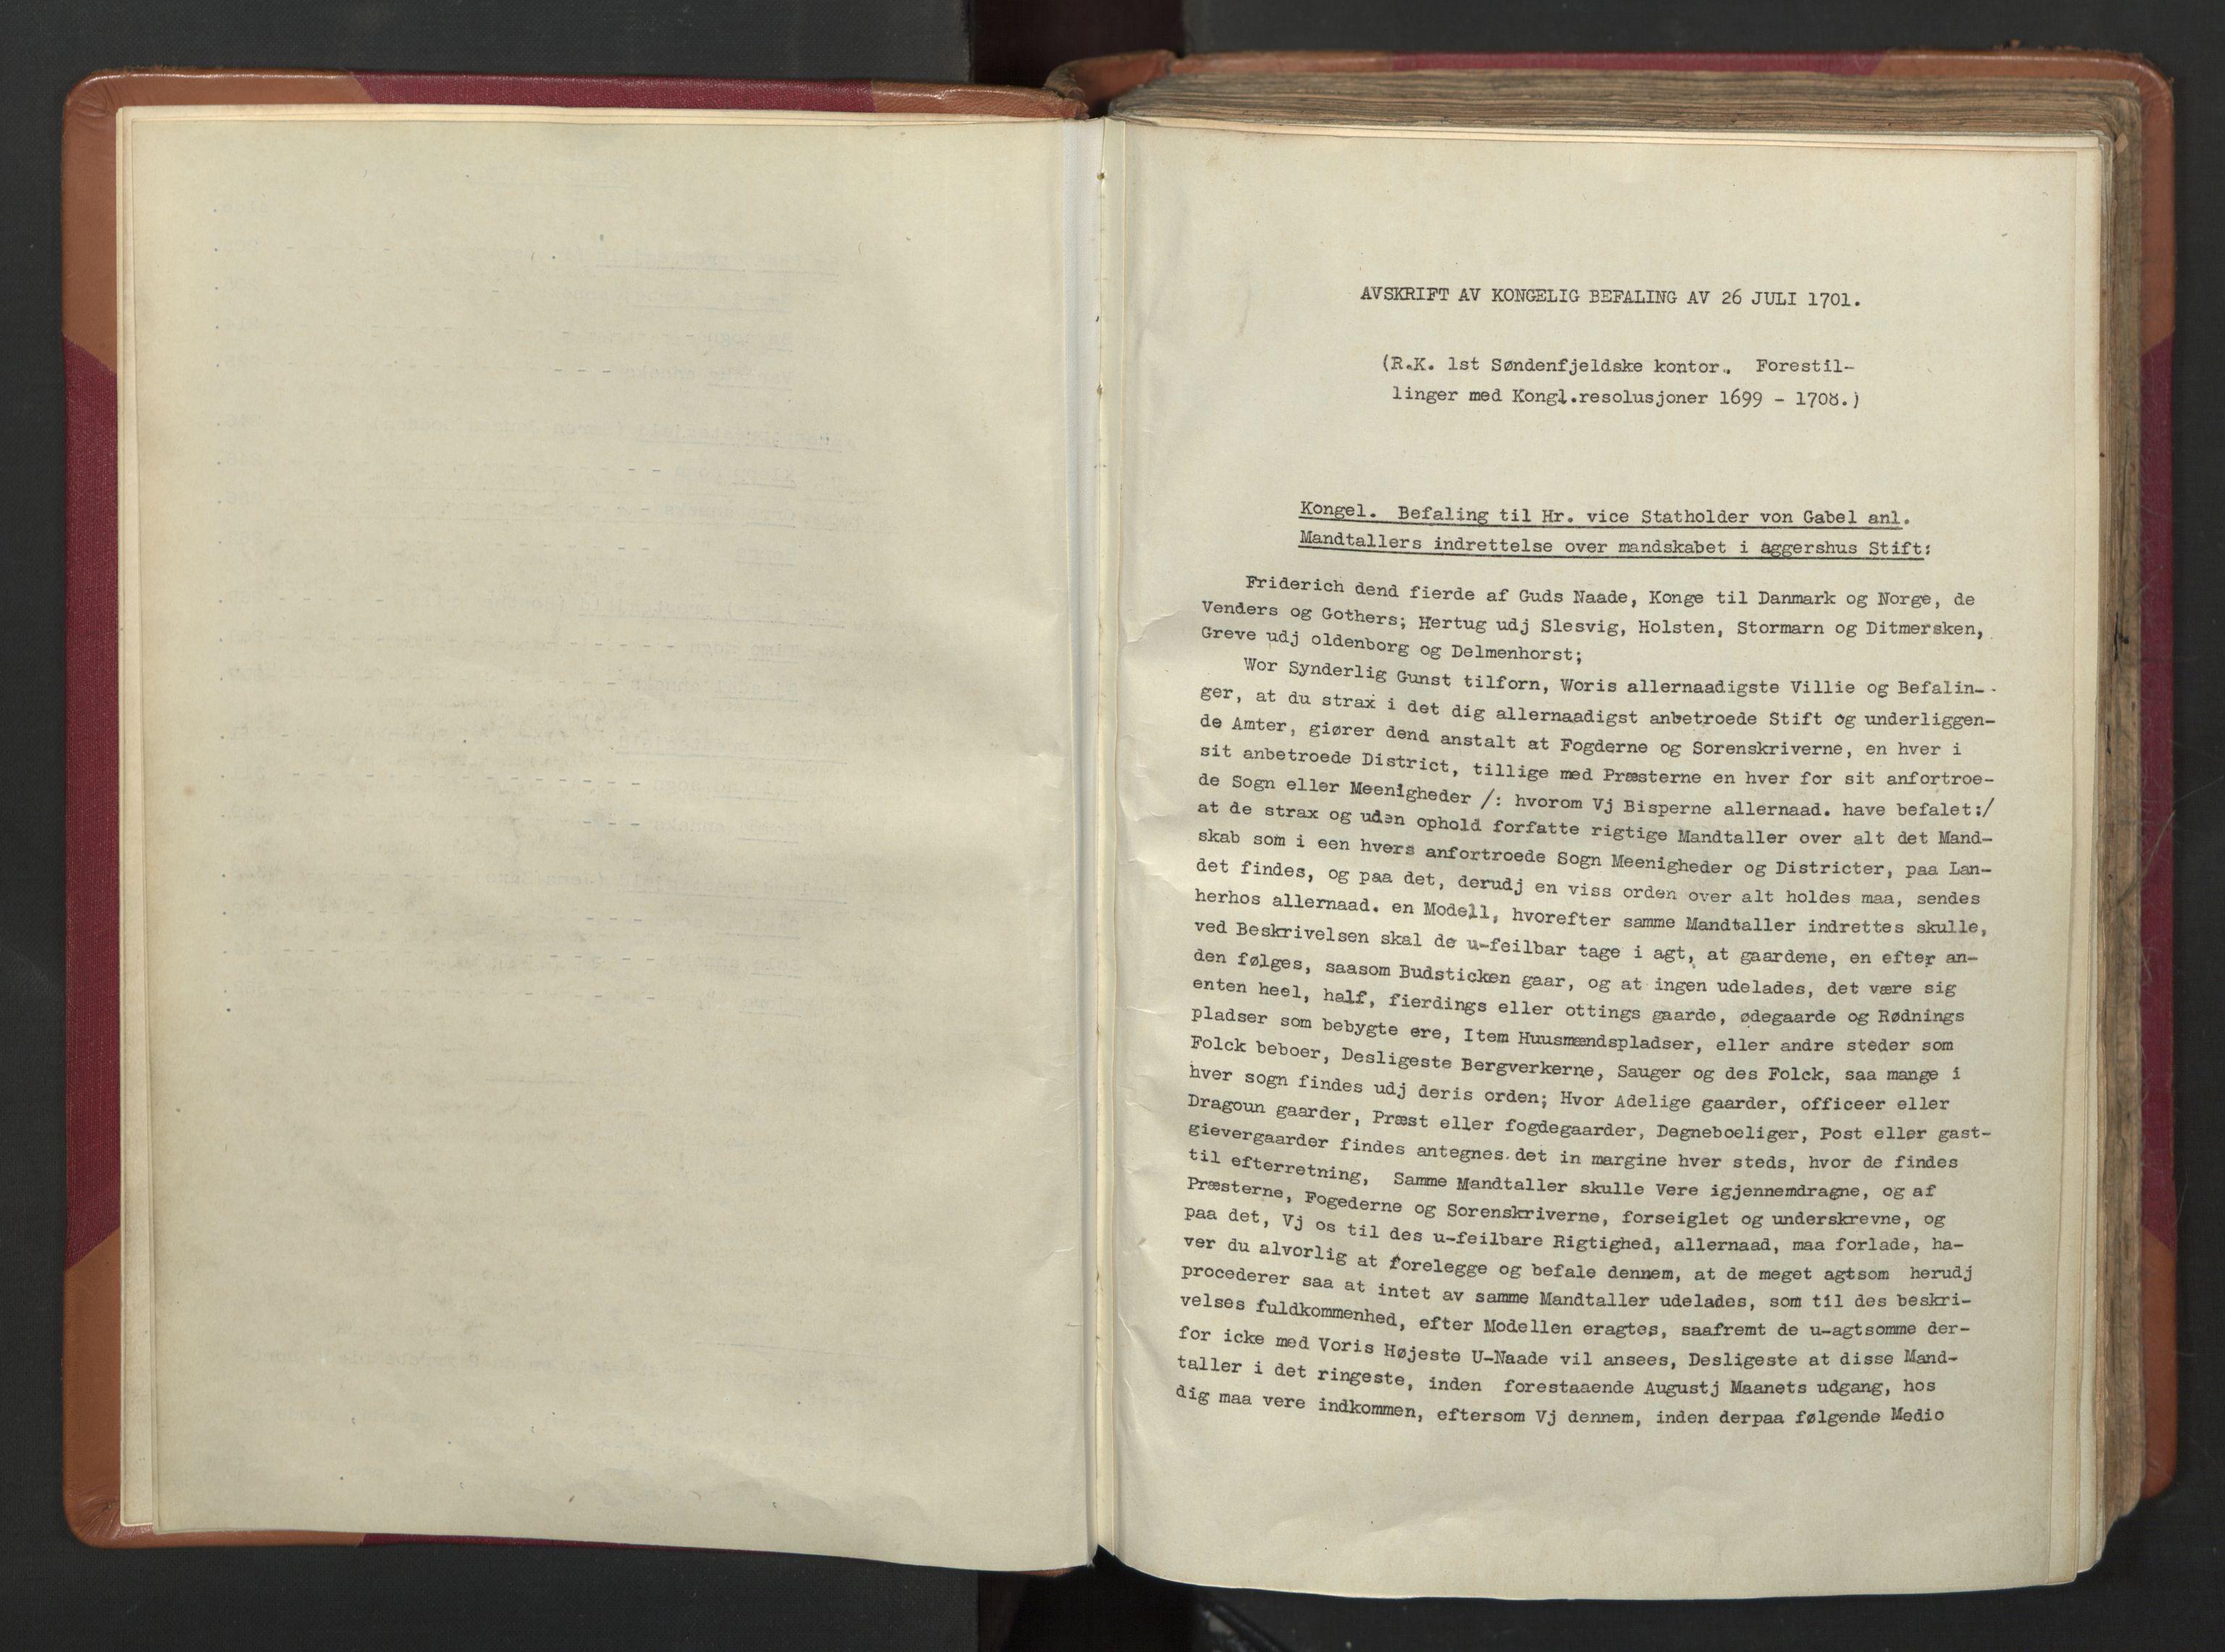 RA, Manntallet 1701, nr. 4: Jæren og Dalane fogderi, 1701, s. upaginert